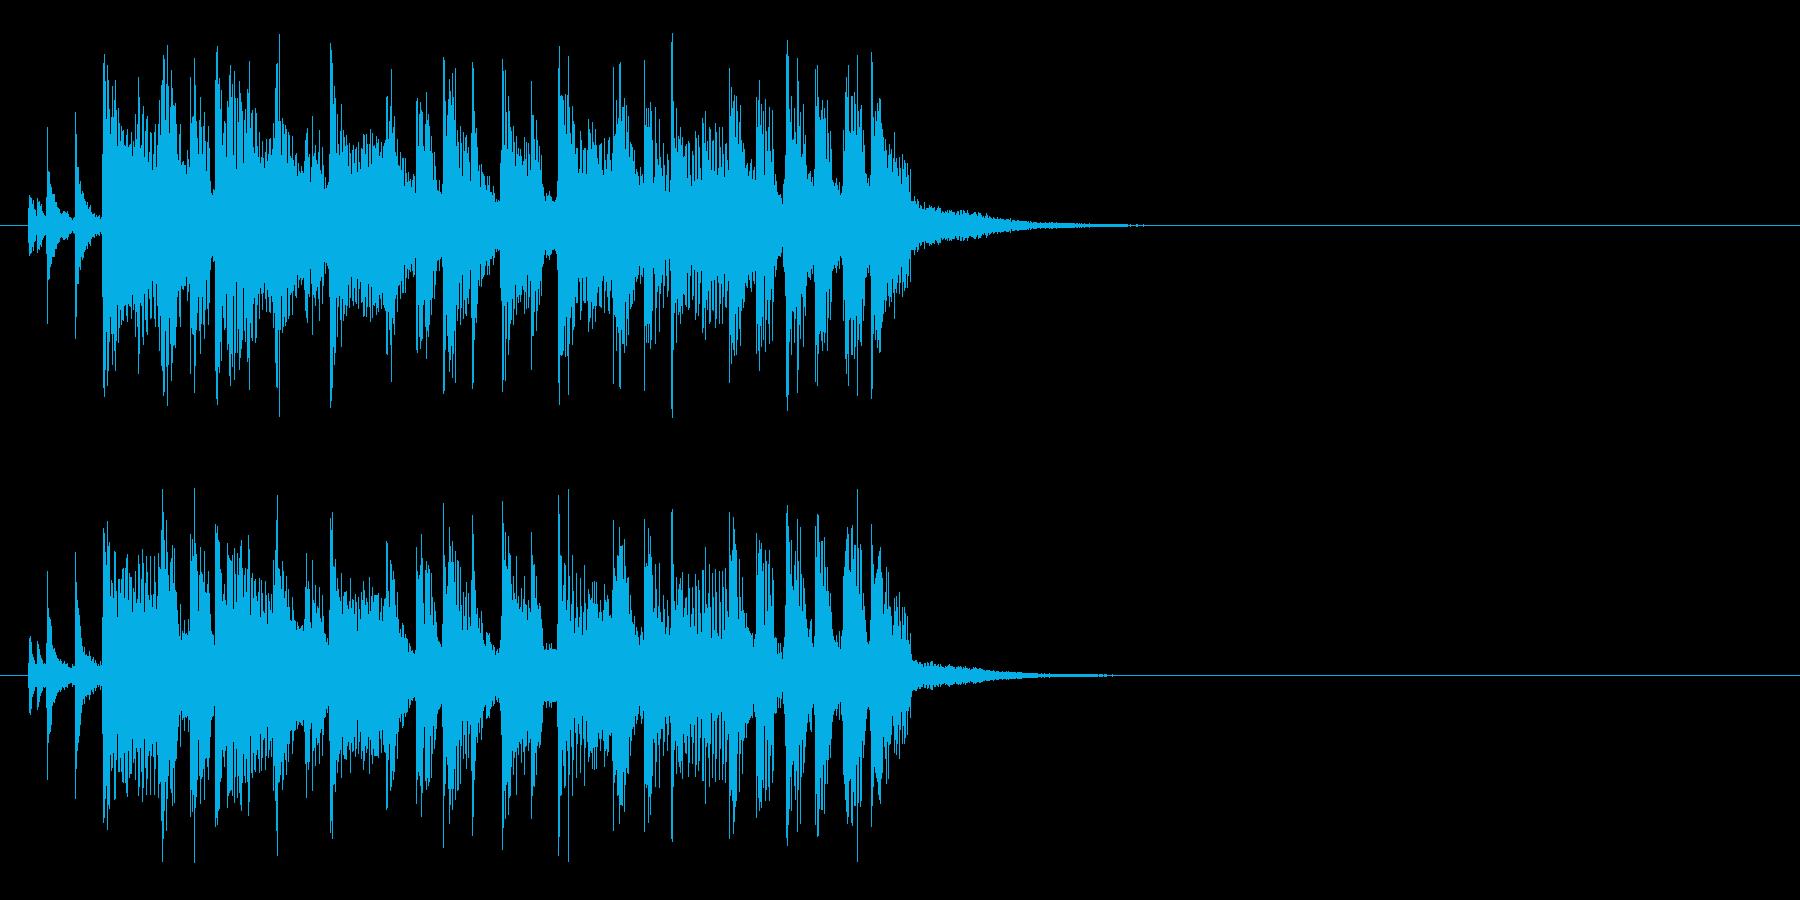 ジングル(ロック・タイプ)の再生済みの波形